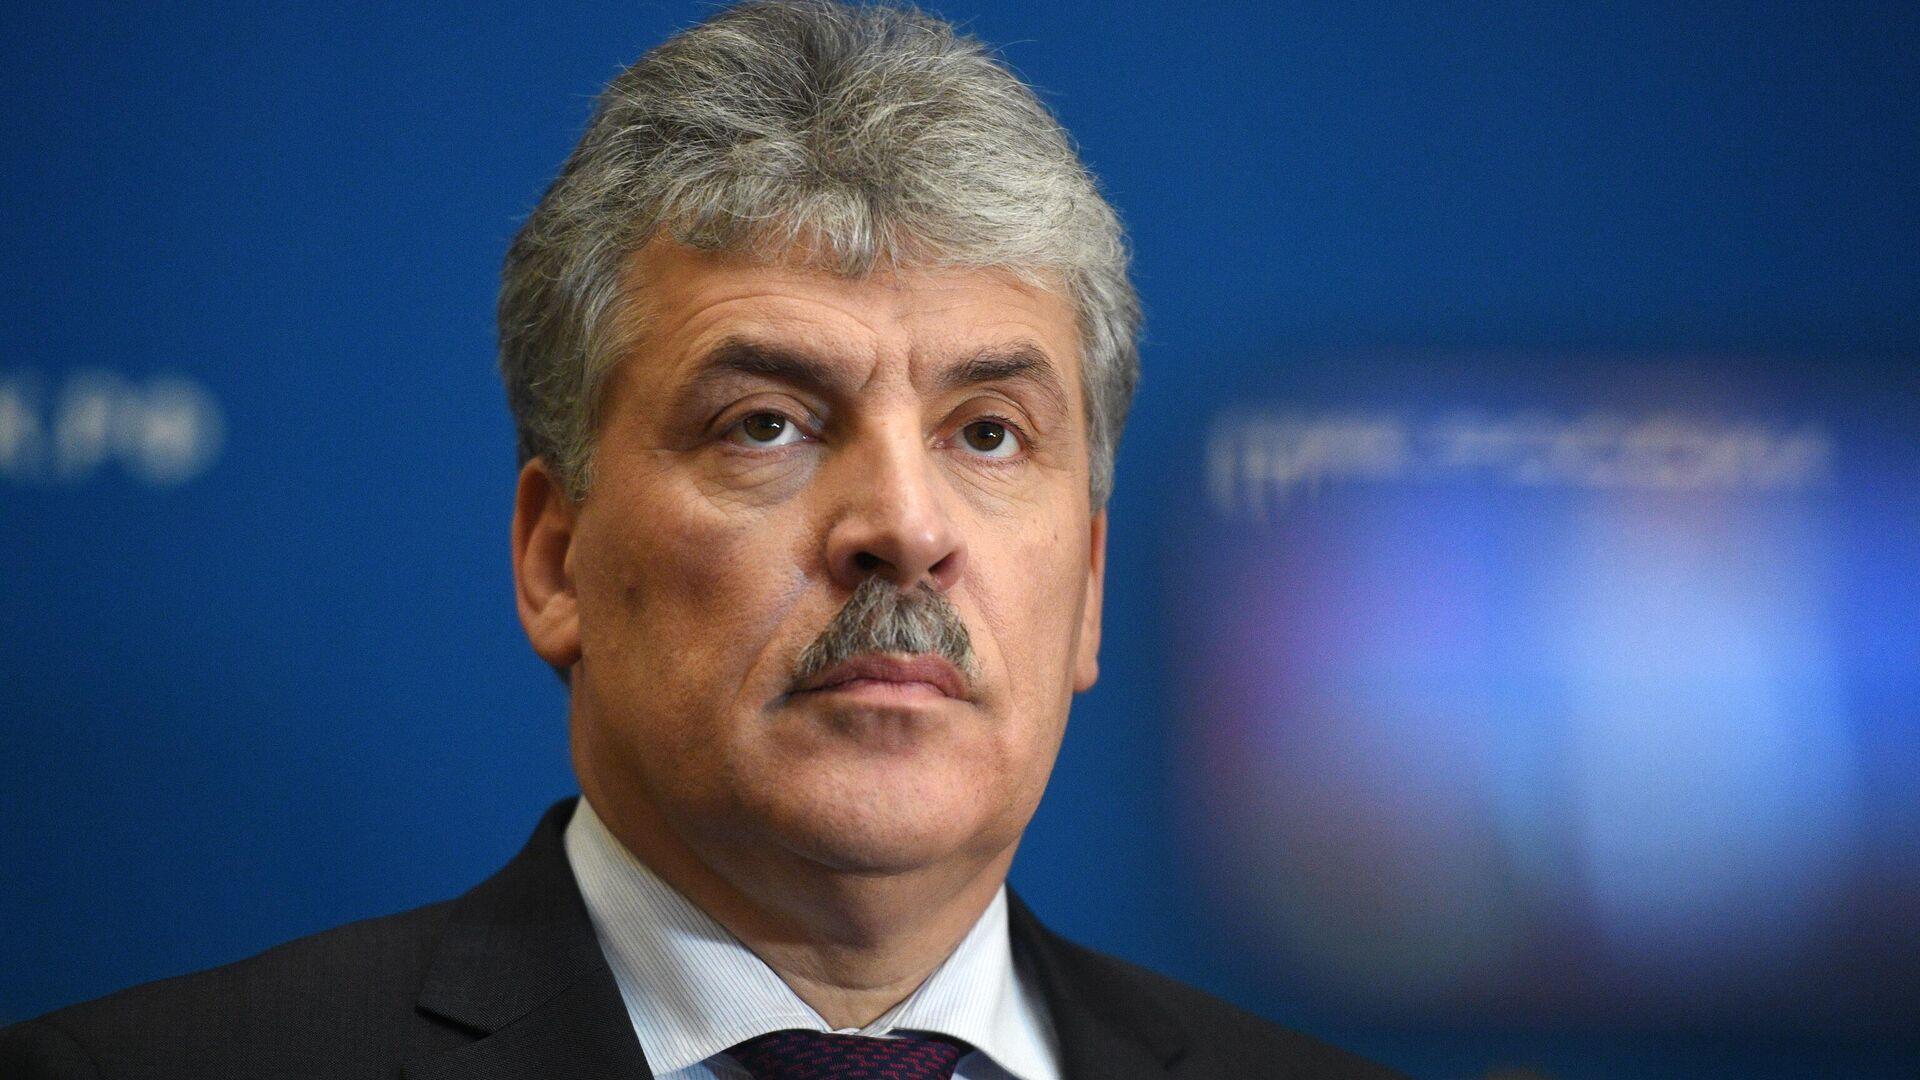 ЦИК разъяснил порядок международного наблюдения на выборах в Госдуму